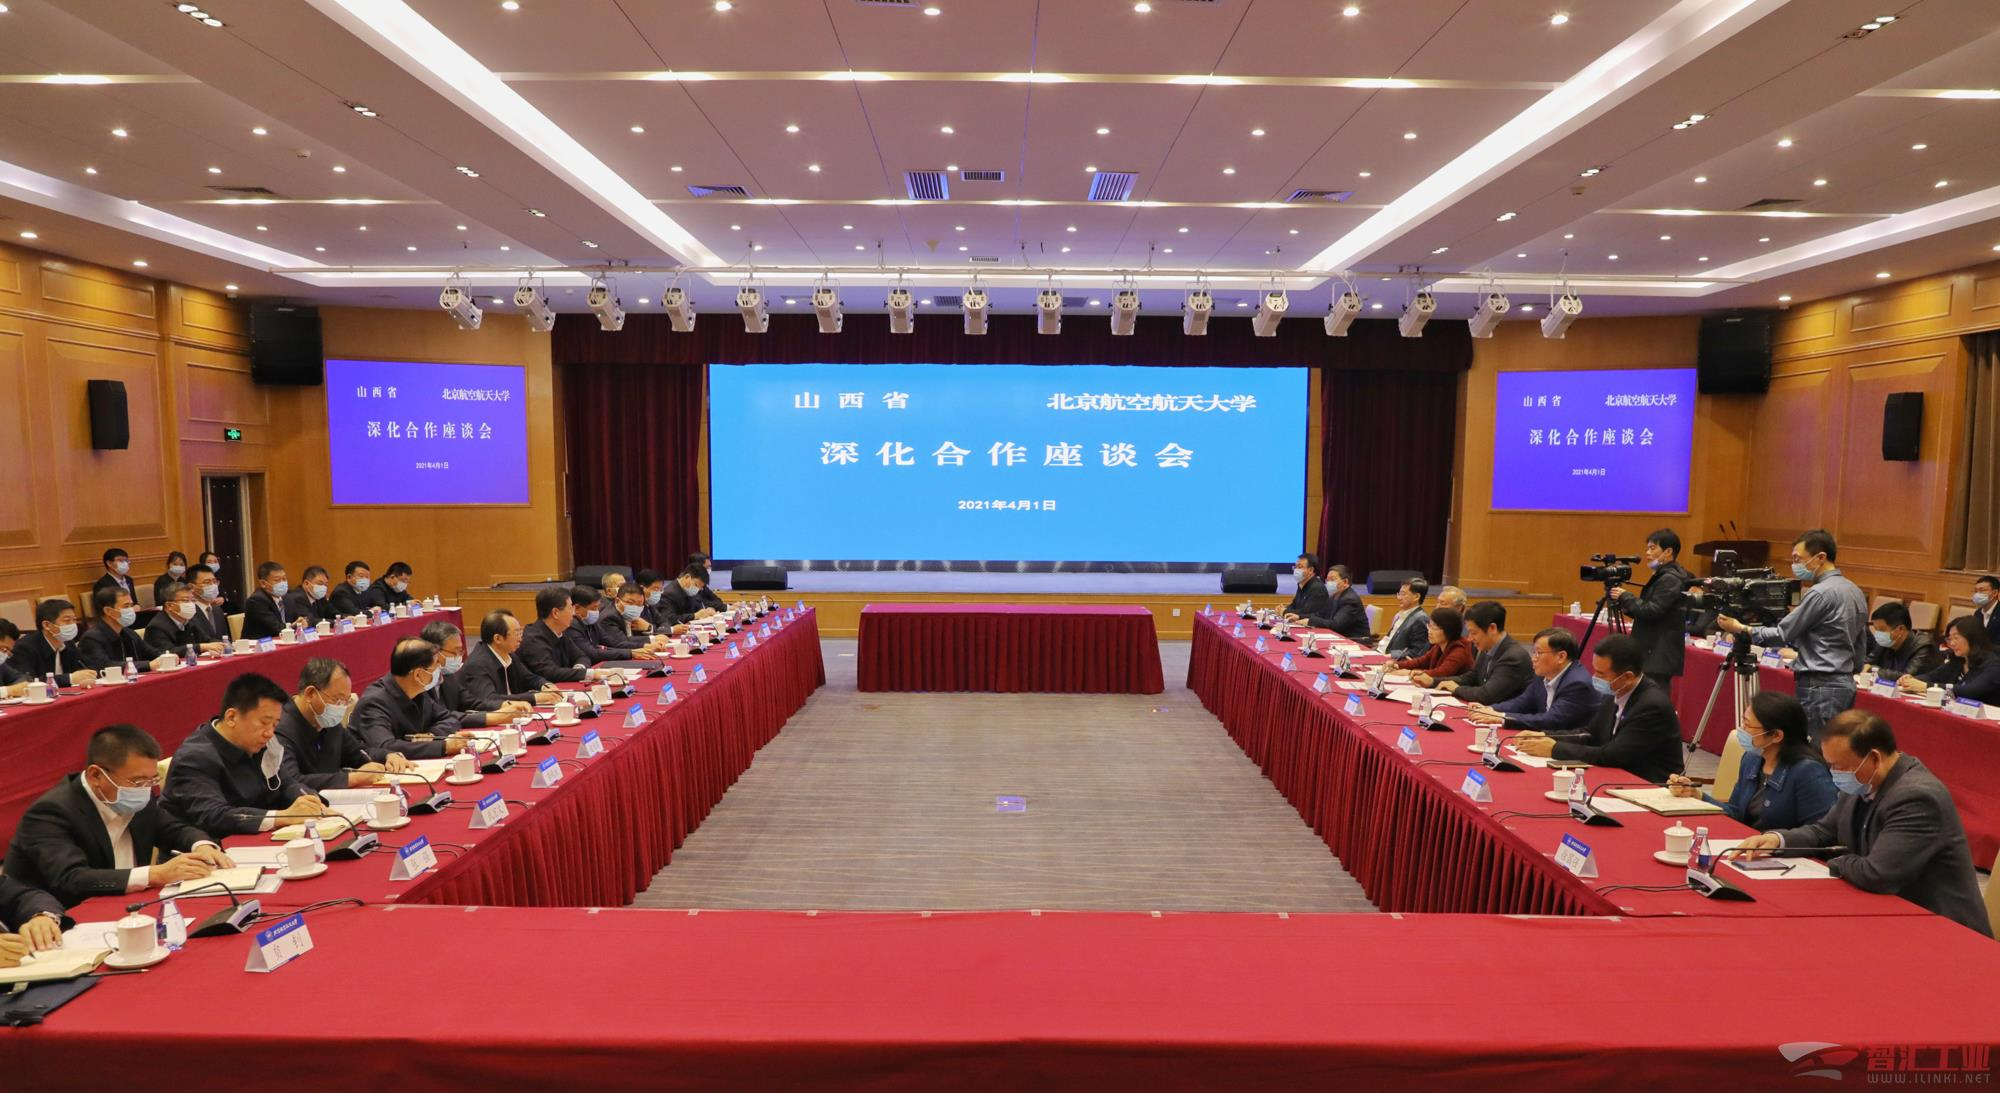 北京航空航天大学与山西省人民政府签署战略合作协议